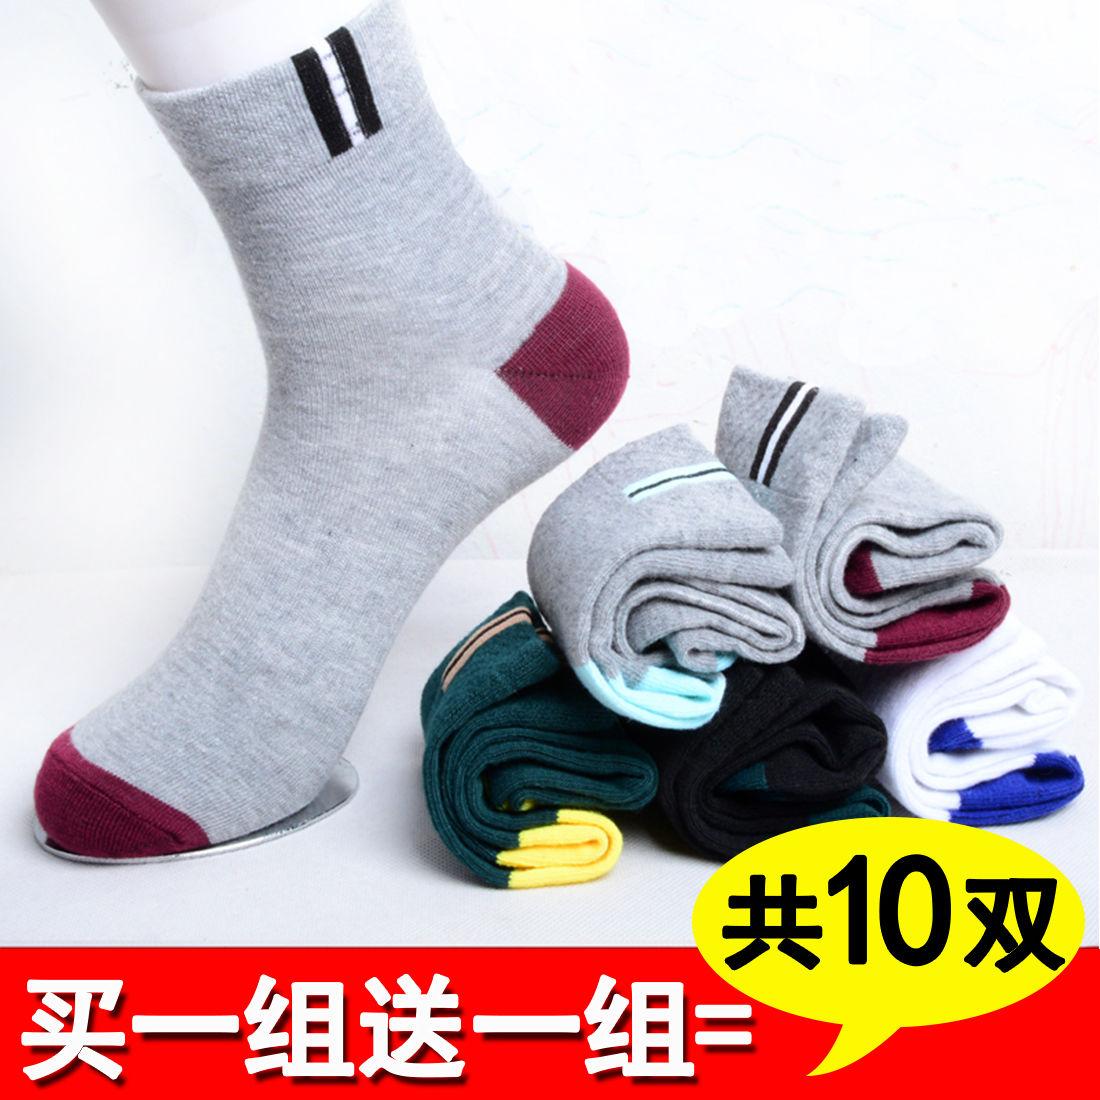 男袜春夏中筒袜吸汗透气防臭男士袜子商务袜四季中筒长筒运动袜